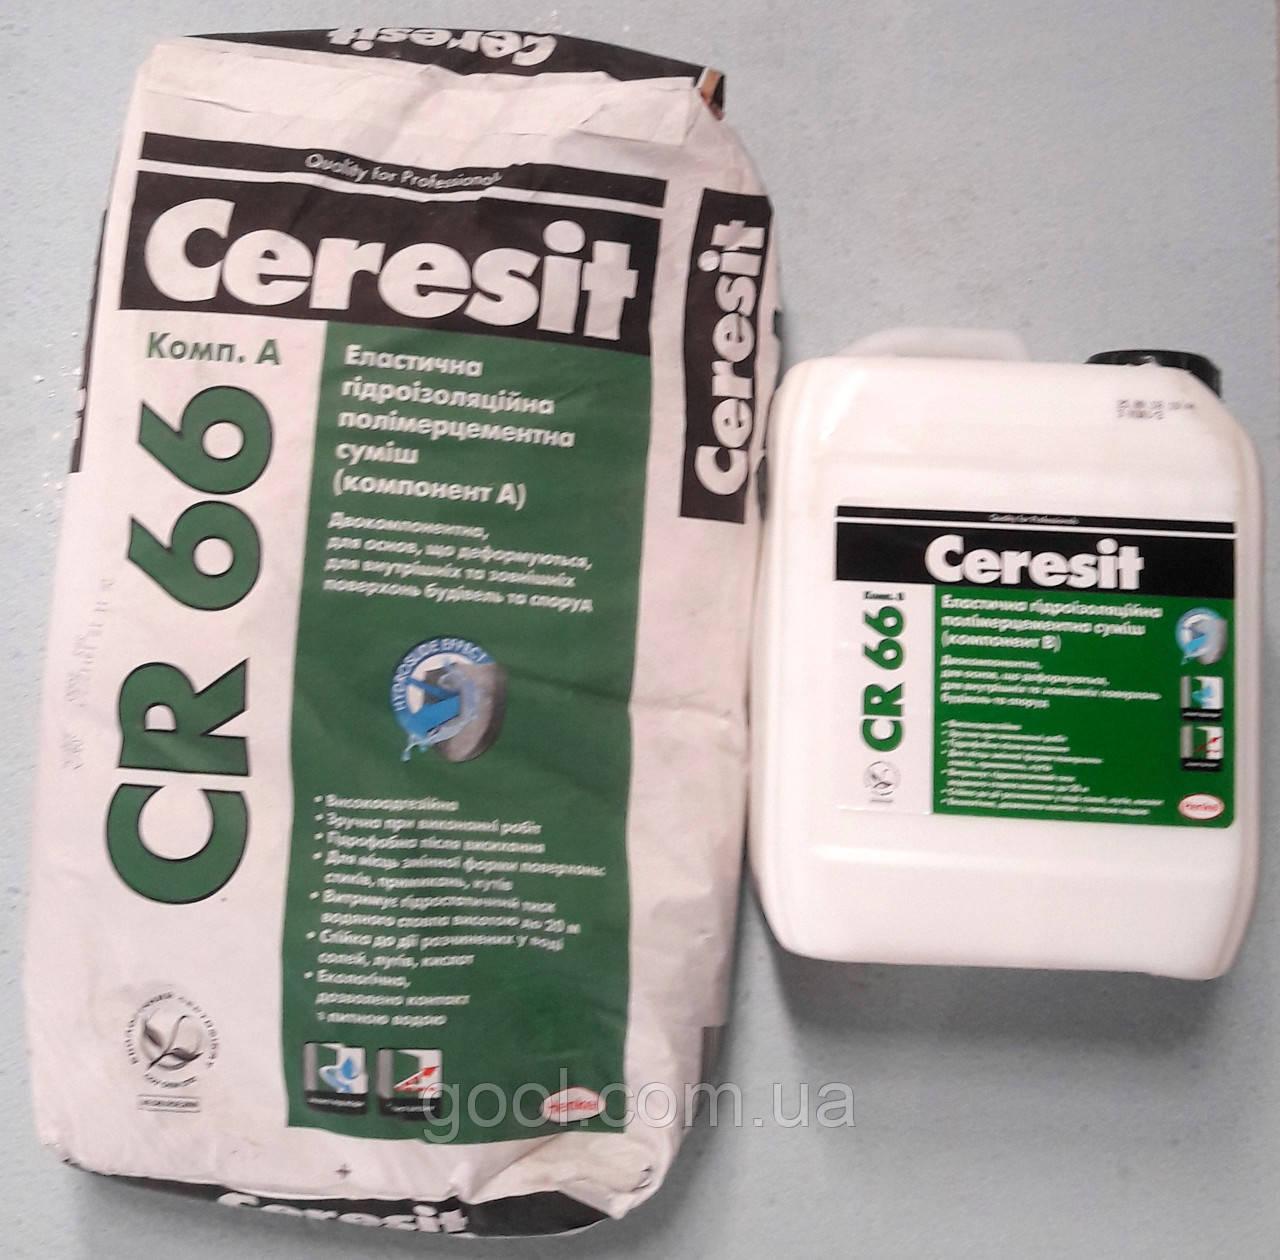 Ceresit CR 66 эластичная цементная гидроизоляция два компонента 22.5 кг